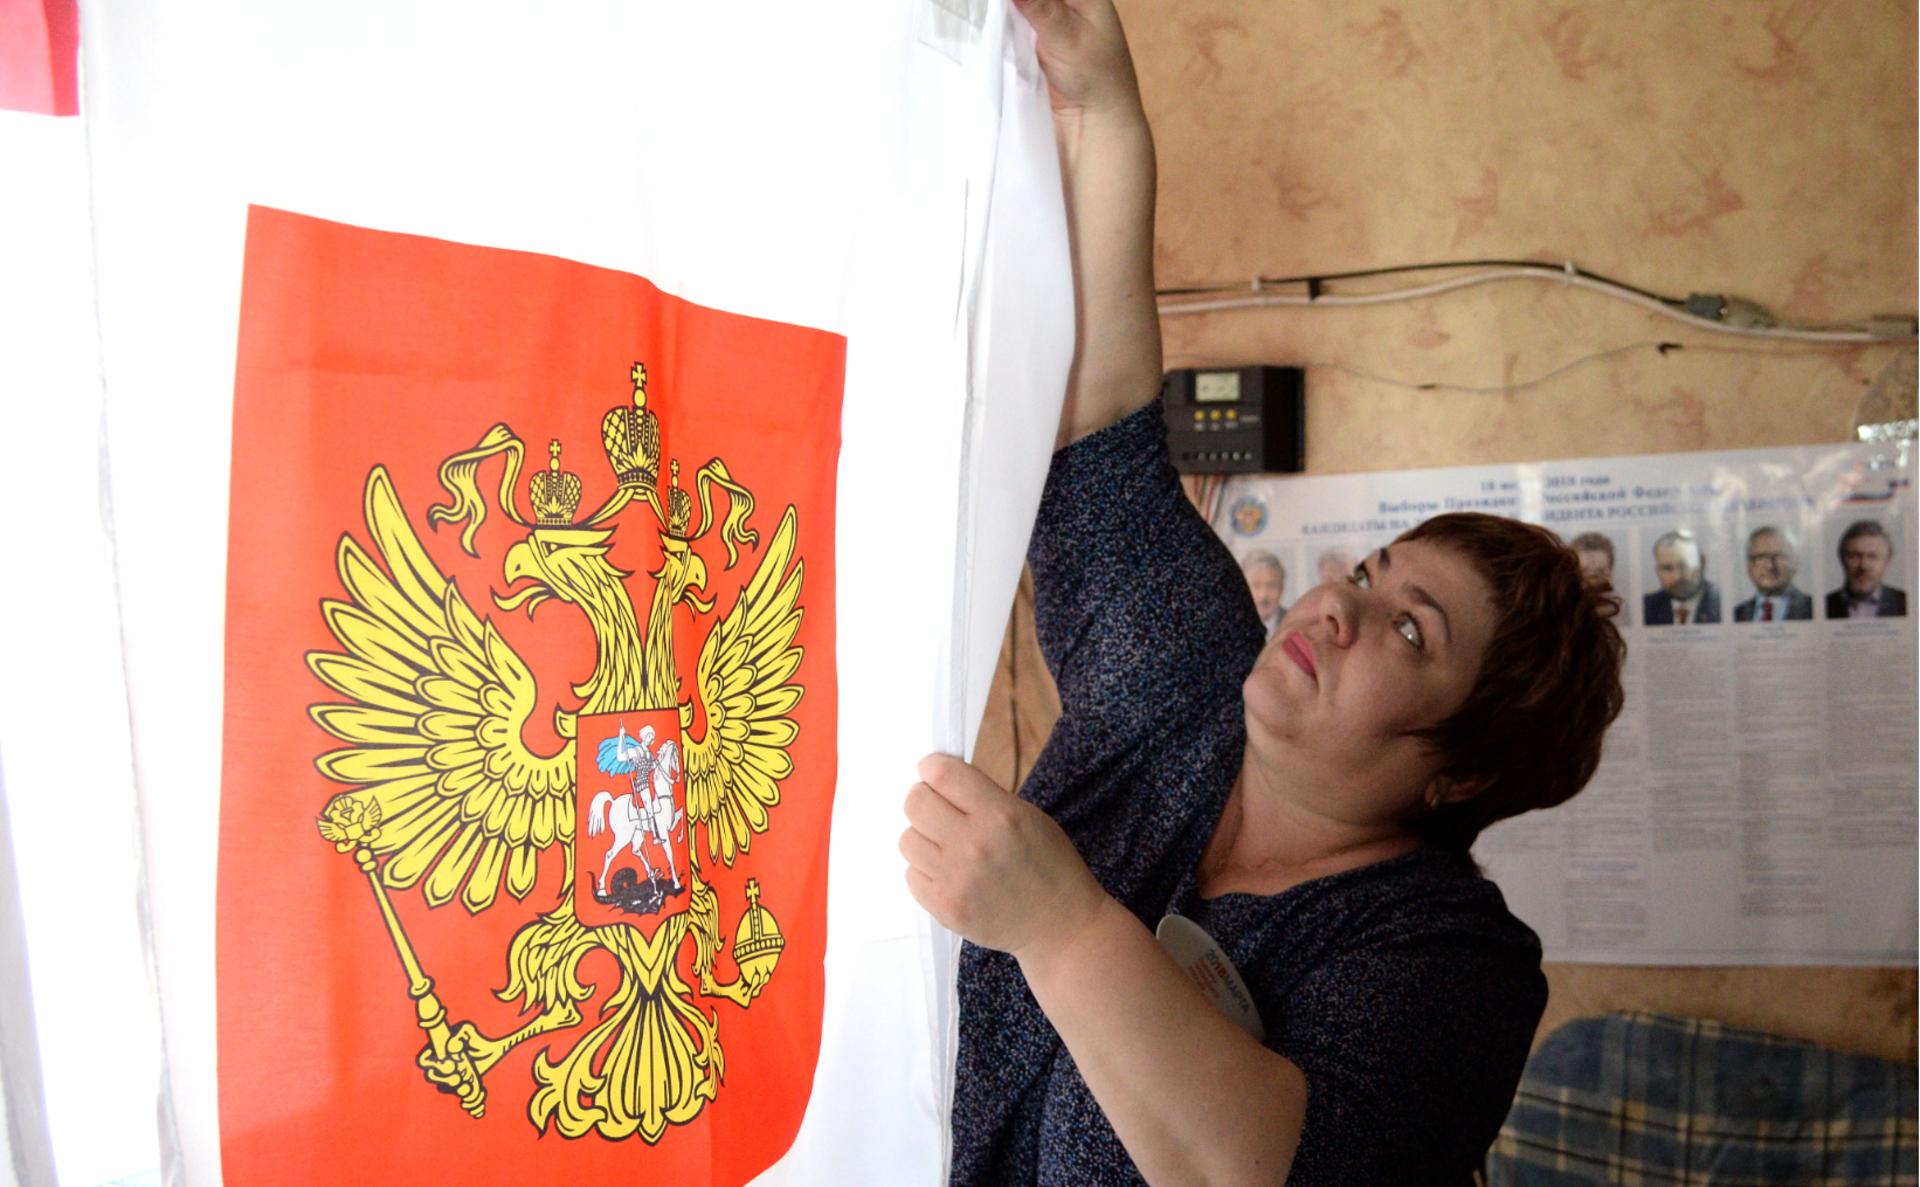 Фото: Игорь Онучин / РИА Новости